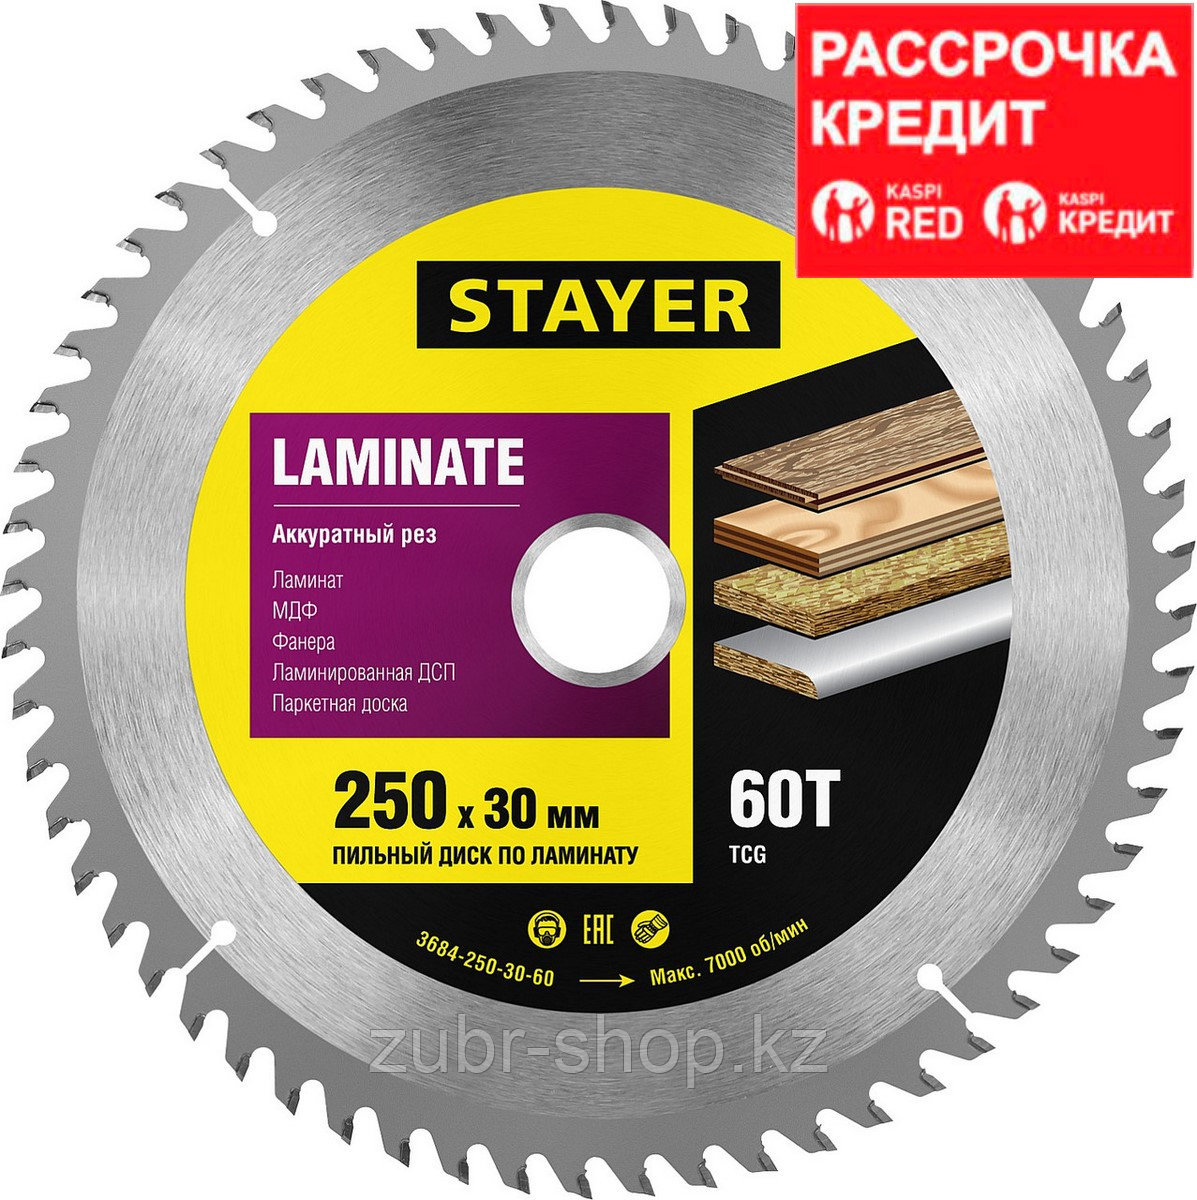 """Пильный диск STAYER """"MASTER"""" для ламината, 250x30, 60Т, ( 3684-250-30-60 )"""